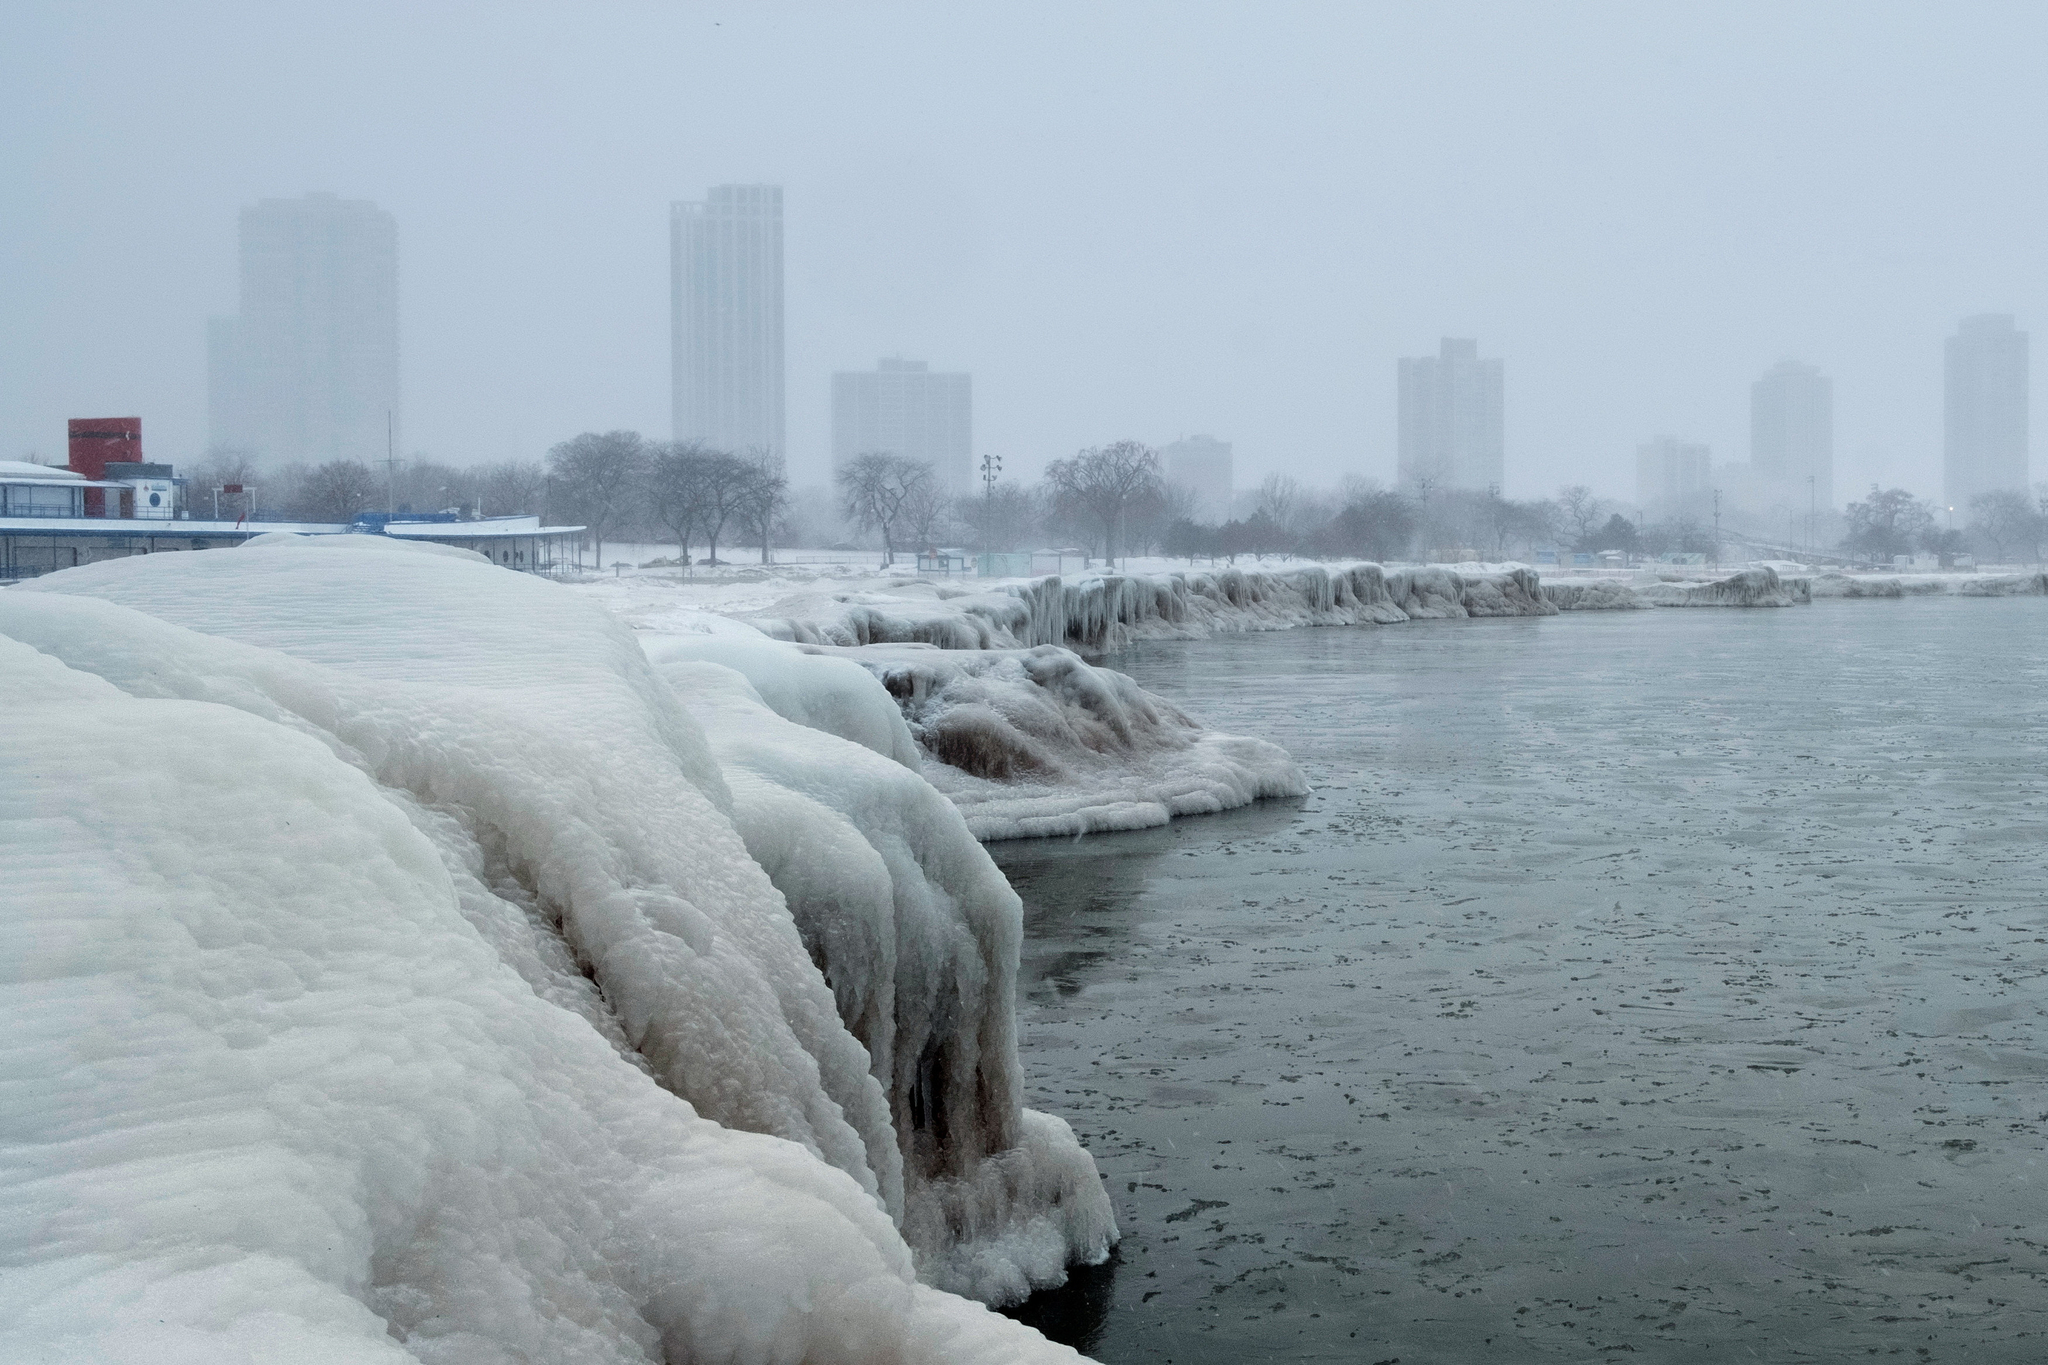 얼어붙은 미시간호 뒤로 혹한에 덮인 시카고 스카이라인이 보인다. [REUTERS=연합뉴스]